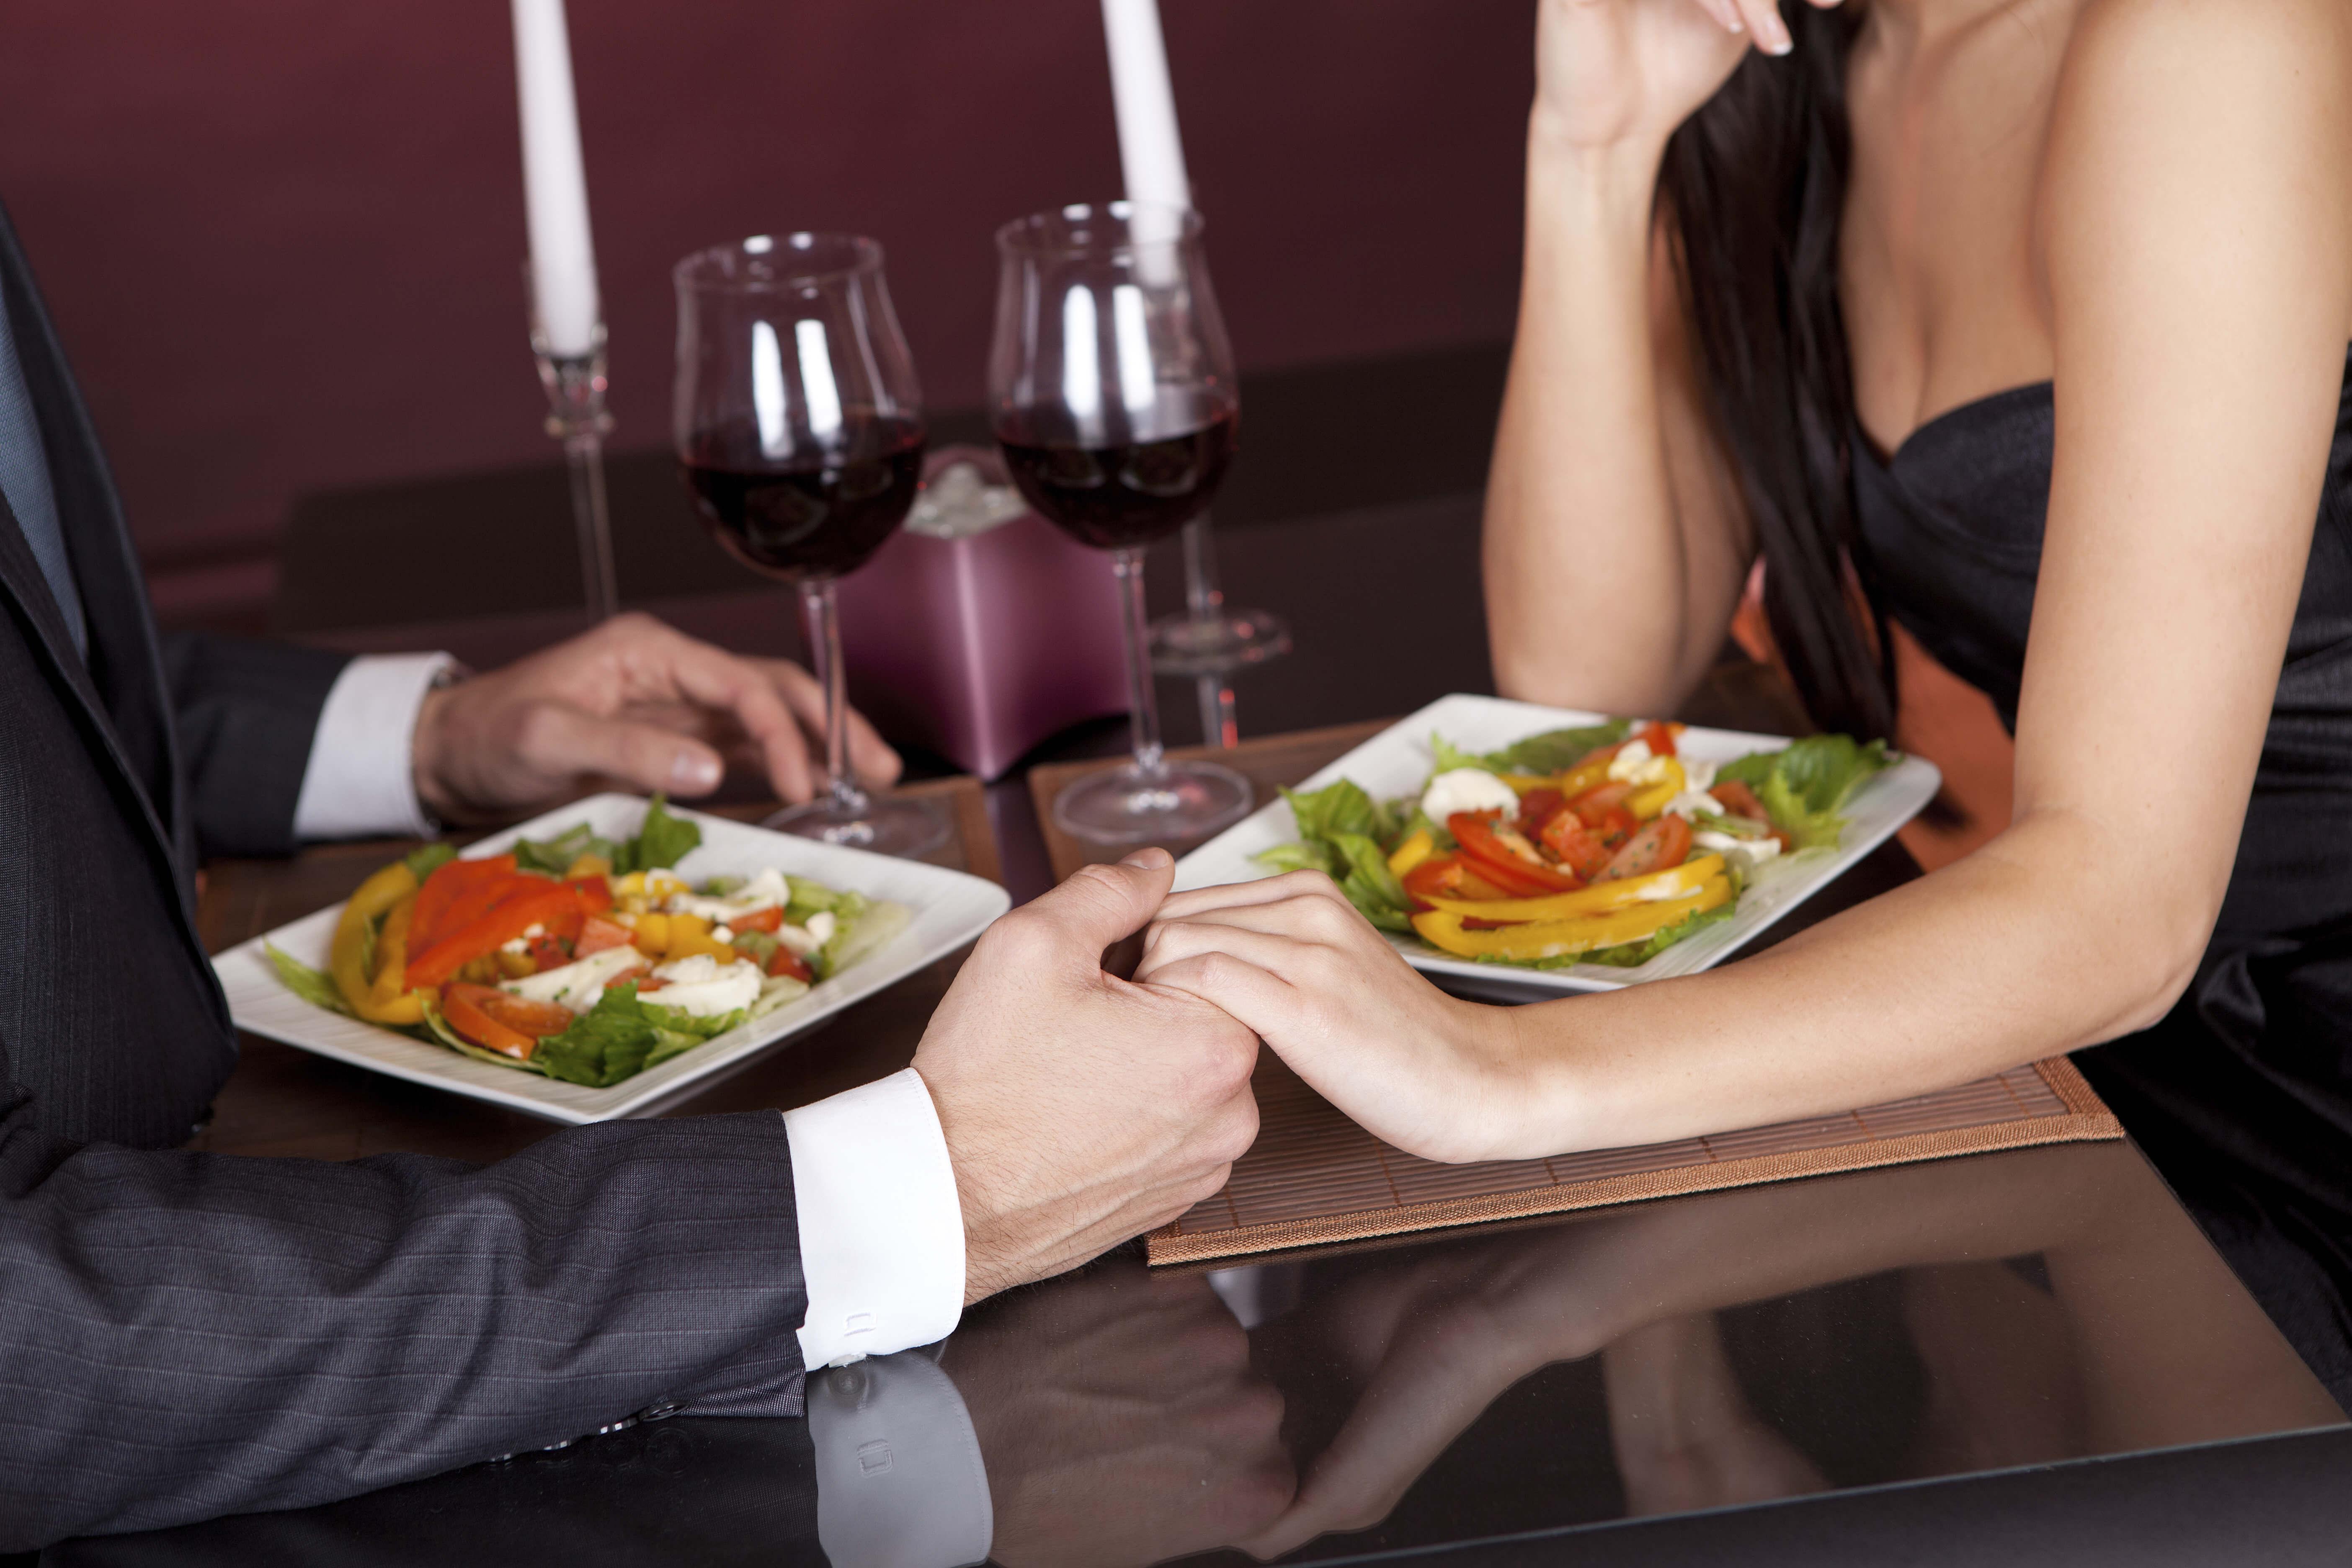 Gratis dating Relatieklik.nl Gratis daten | RelatieKlik en de Pers